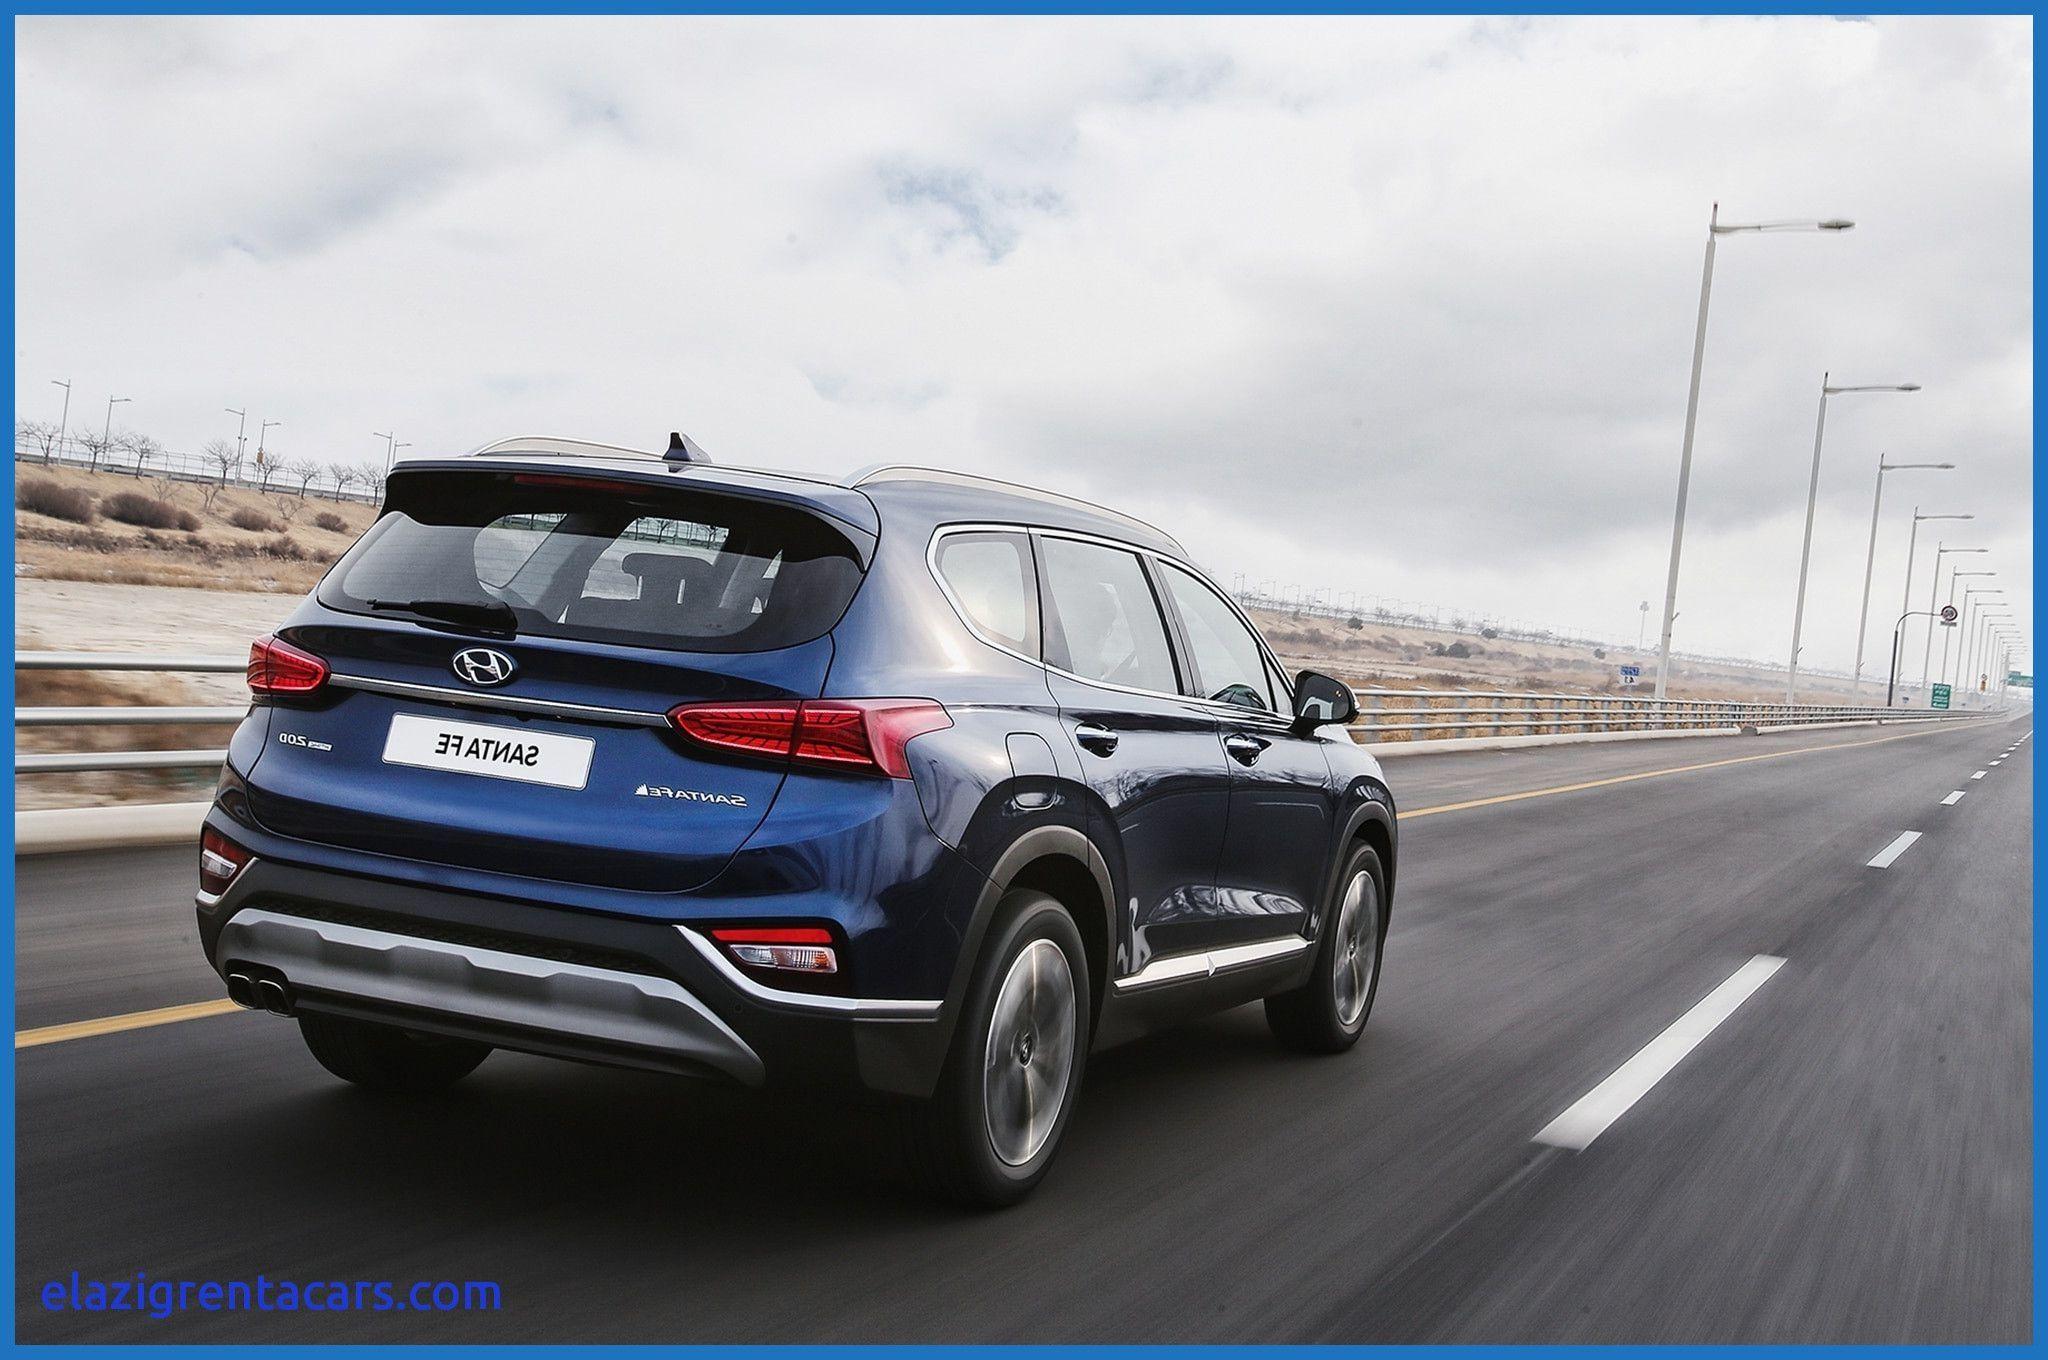 Best 2020 Dodge Dart Srt4 New Interior Dodge Dart Tiguan Vw Volkswagen